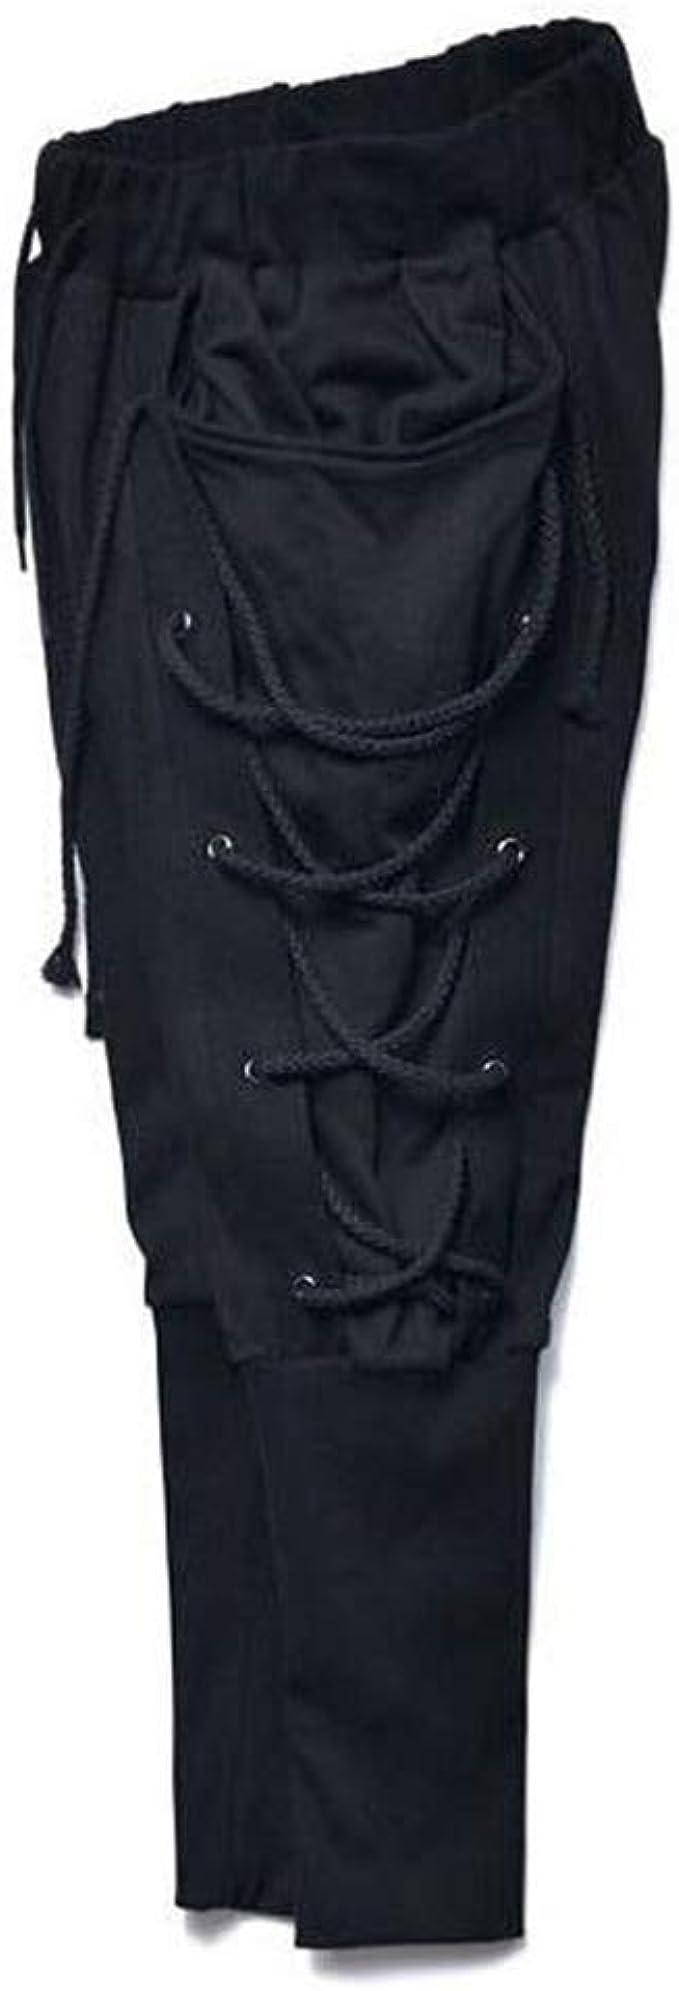 Kasonj Pantalones Con Cordones Para Hombre Pantalones Goticos Medievales Otras Marcas De Ropa Ropa